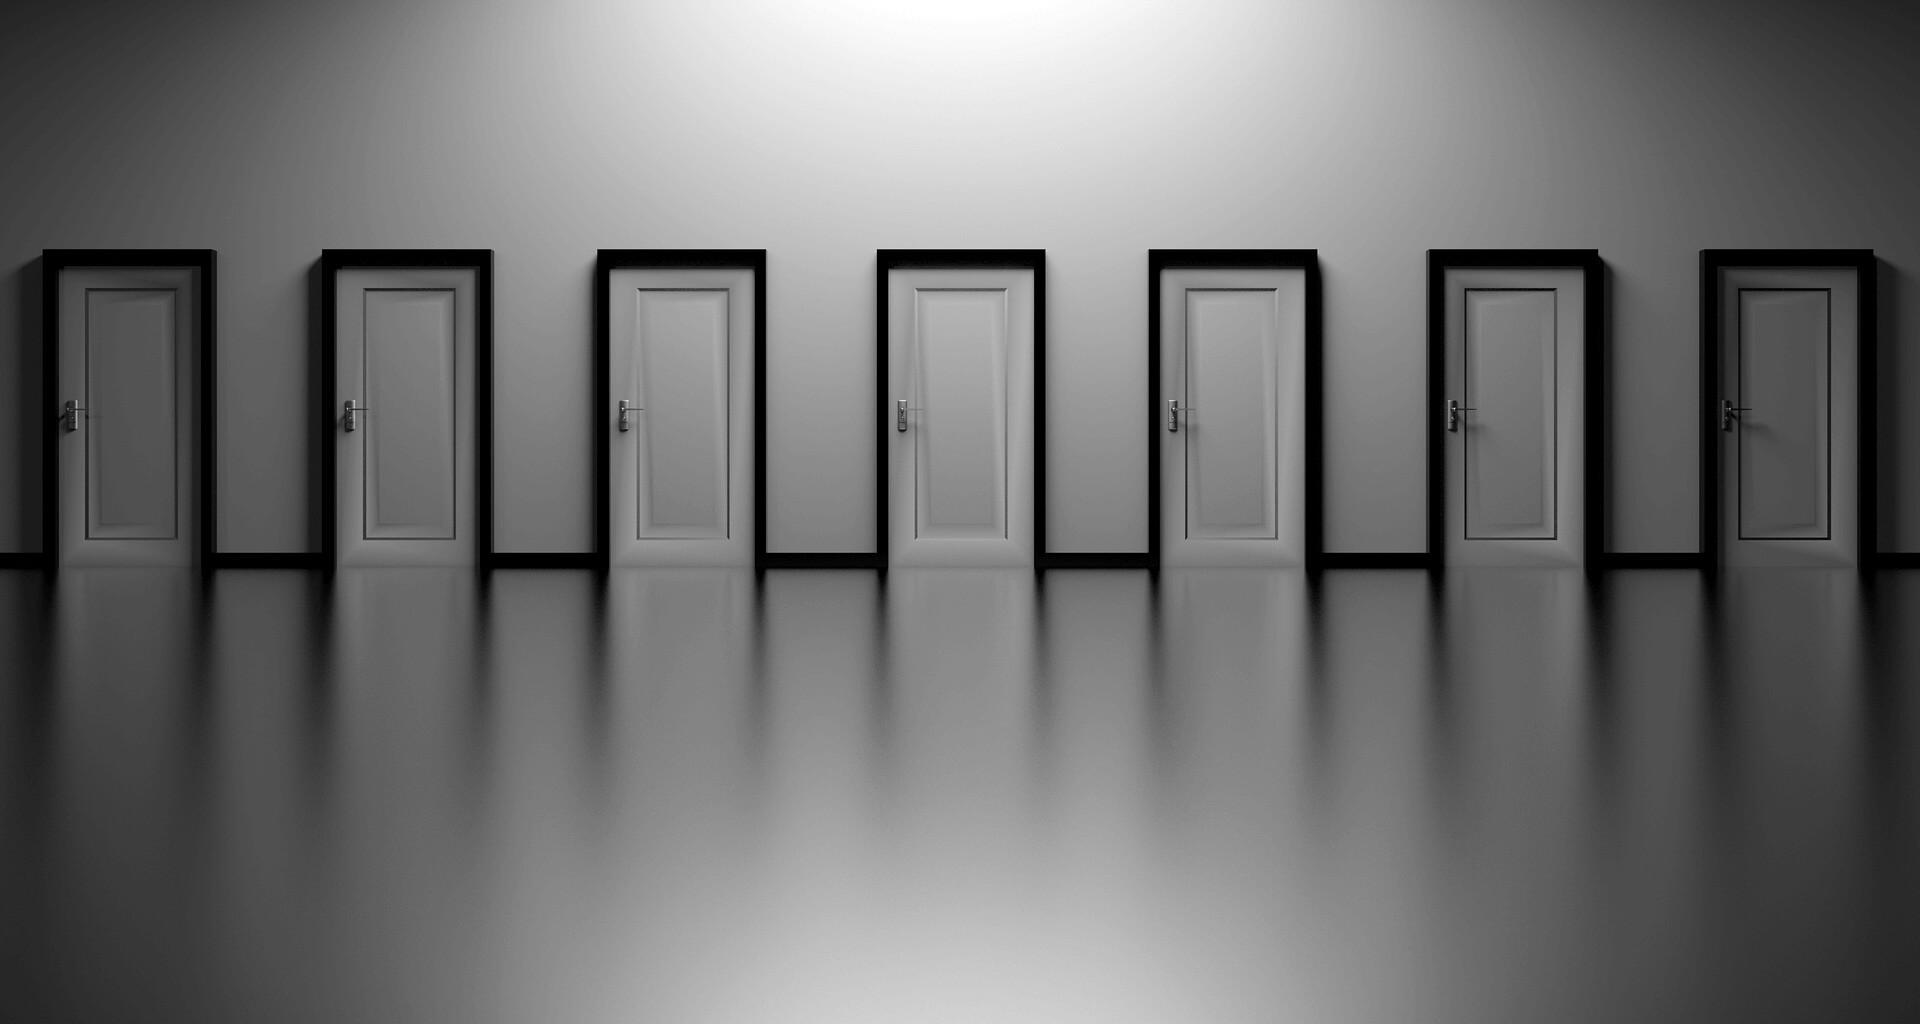 Come scegliere il Consulente Aziendale, ecco i 6 criteri fondamentali.